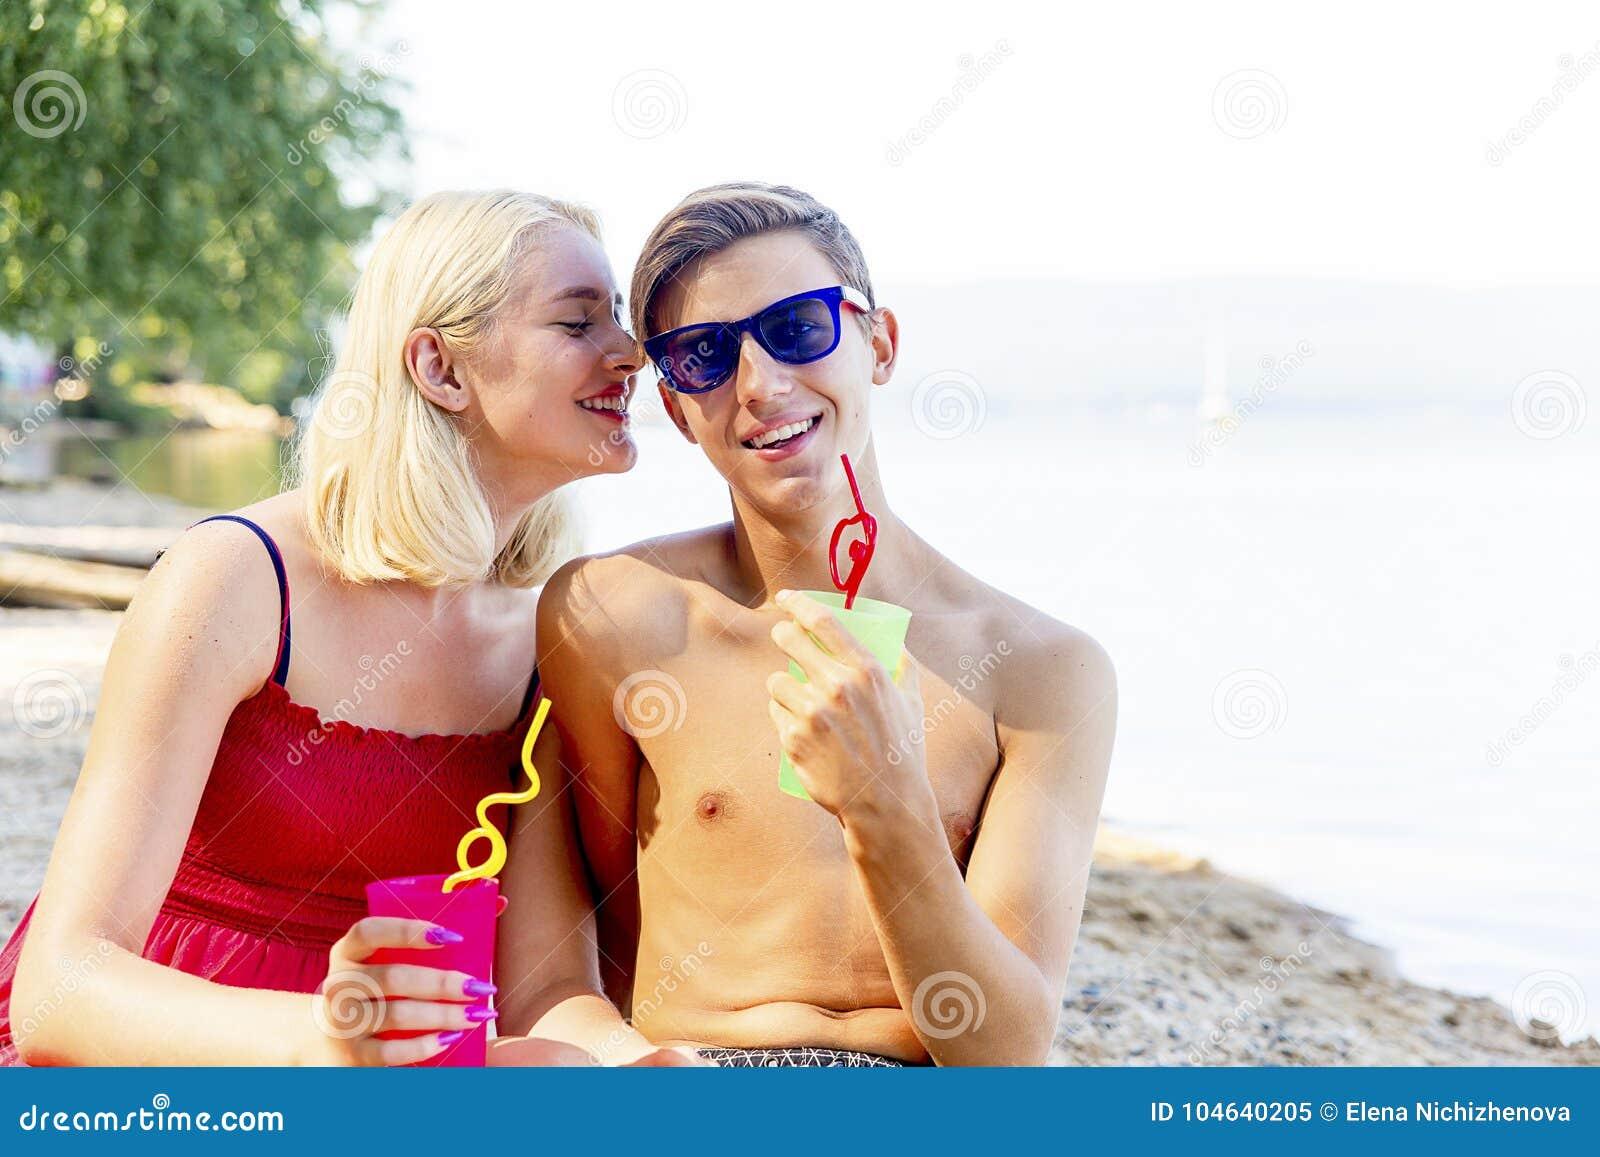 Download Paar op een strand stock afbeelding. Afbeelding bestaande uit strand - 104640205